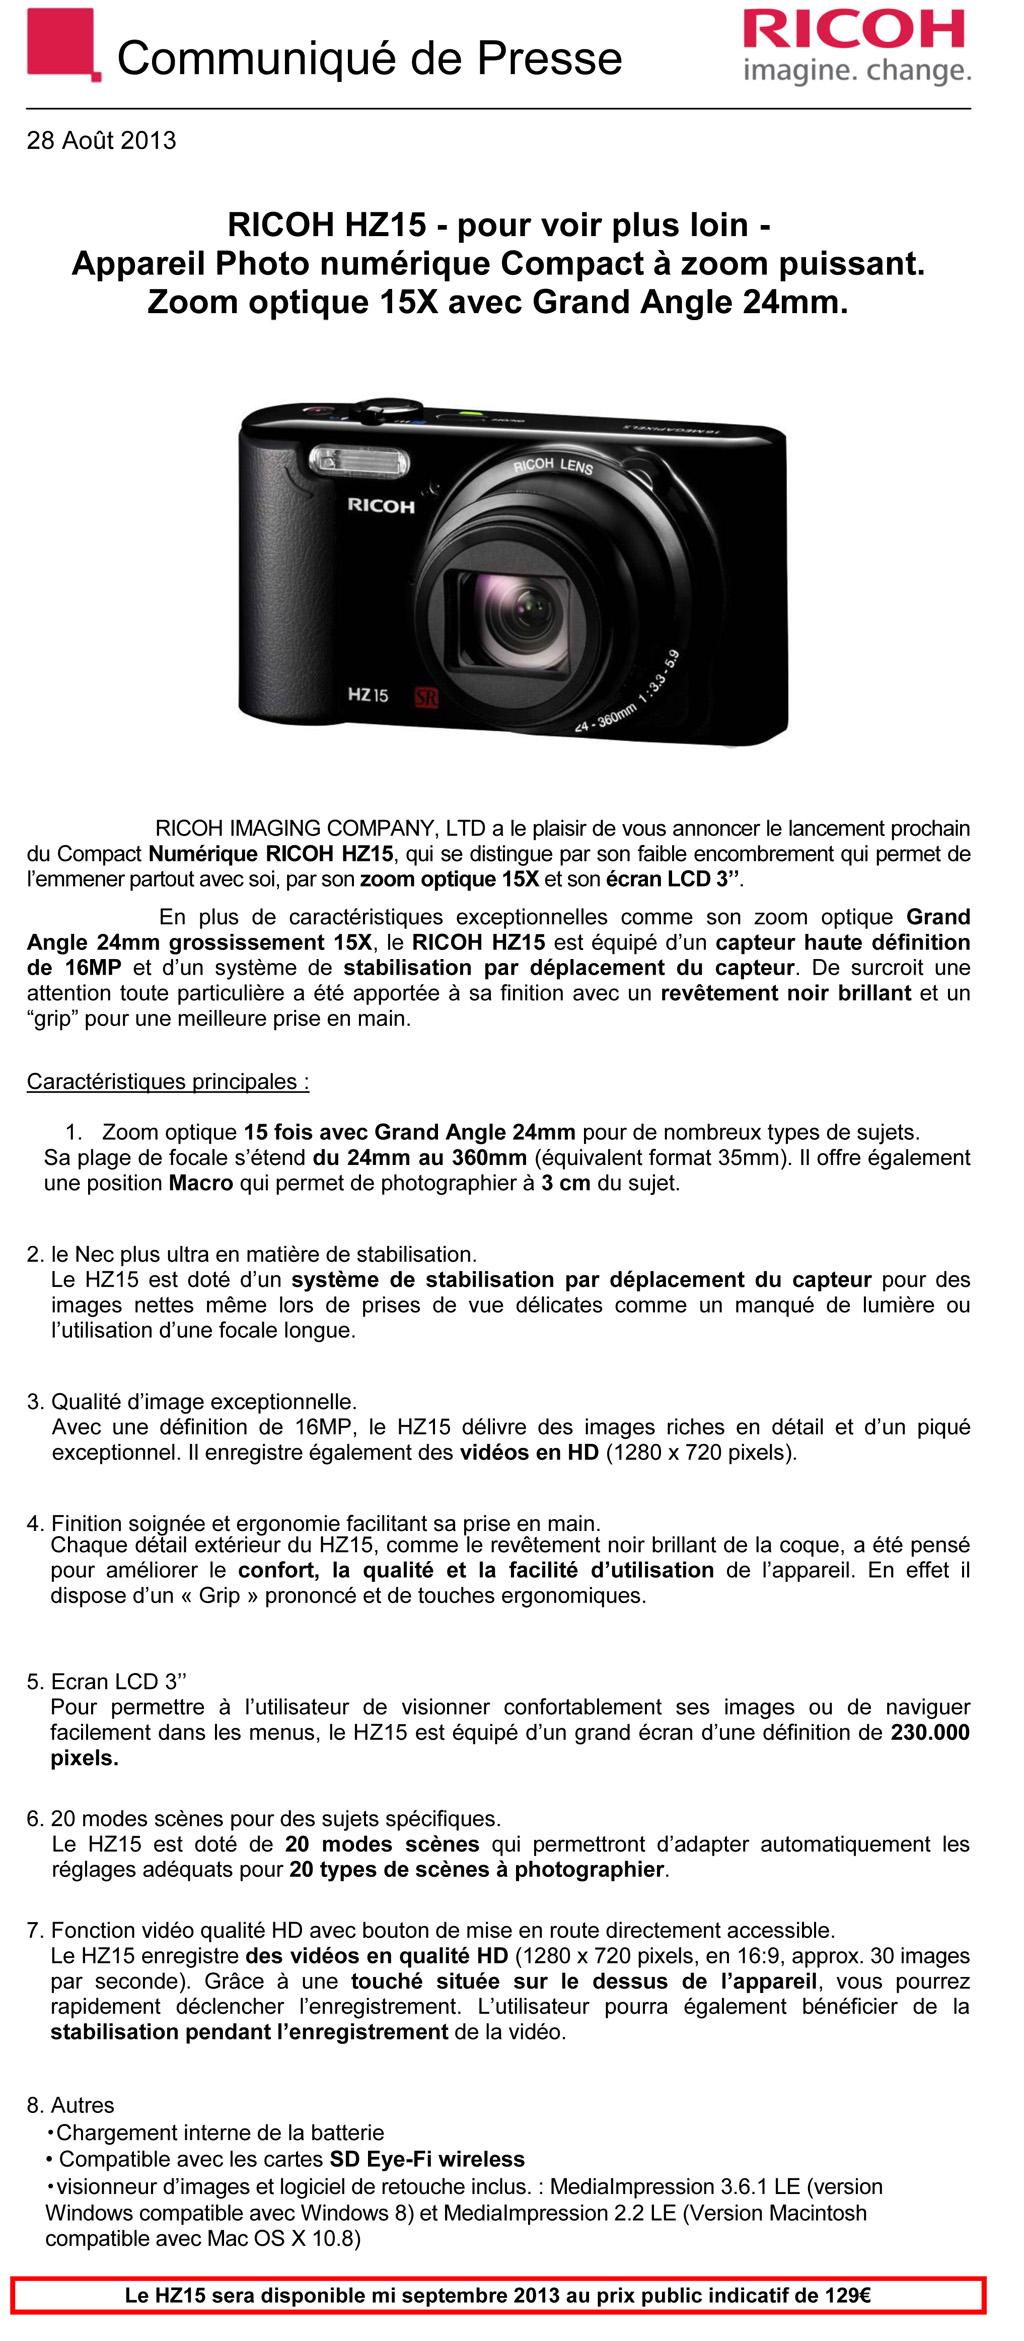 PENTAX RICOH IMAGING - Communiqué de Presse 28/08/2013 - Ricoh HZ15 9xic